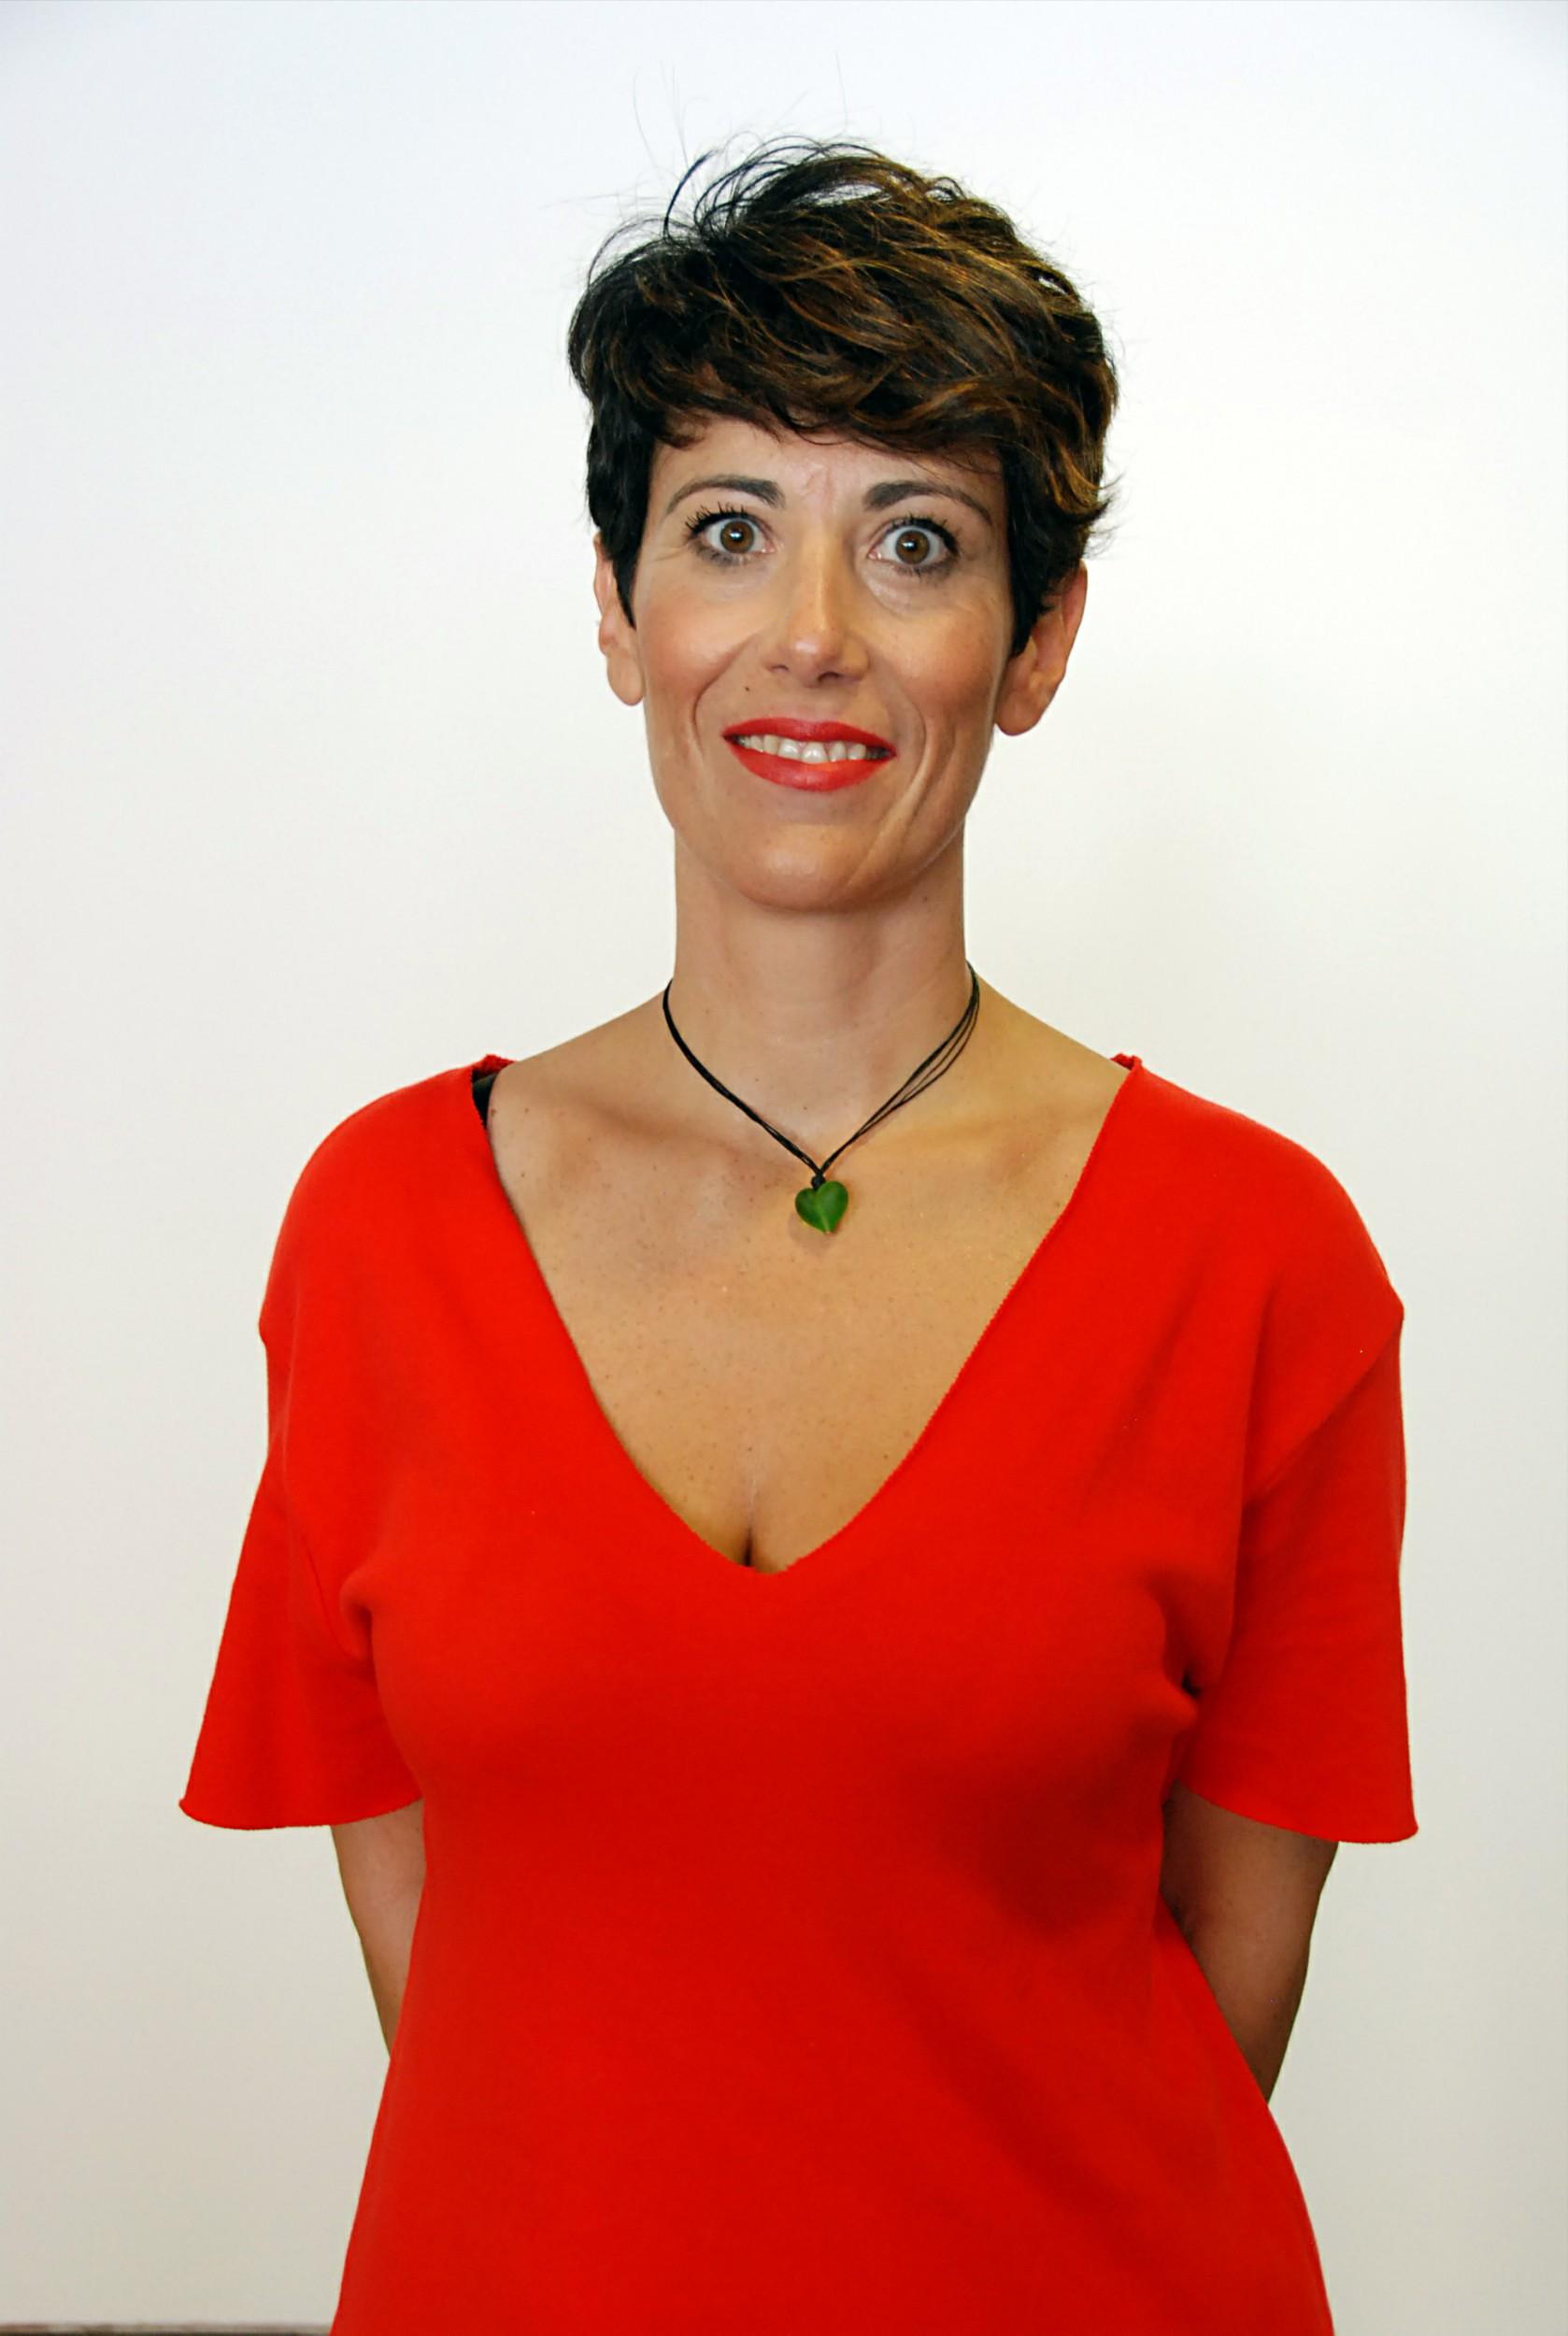 Elma Saiz Delgado